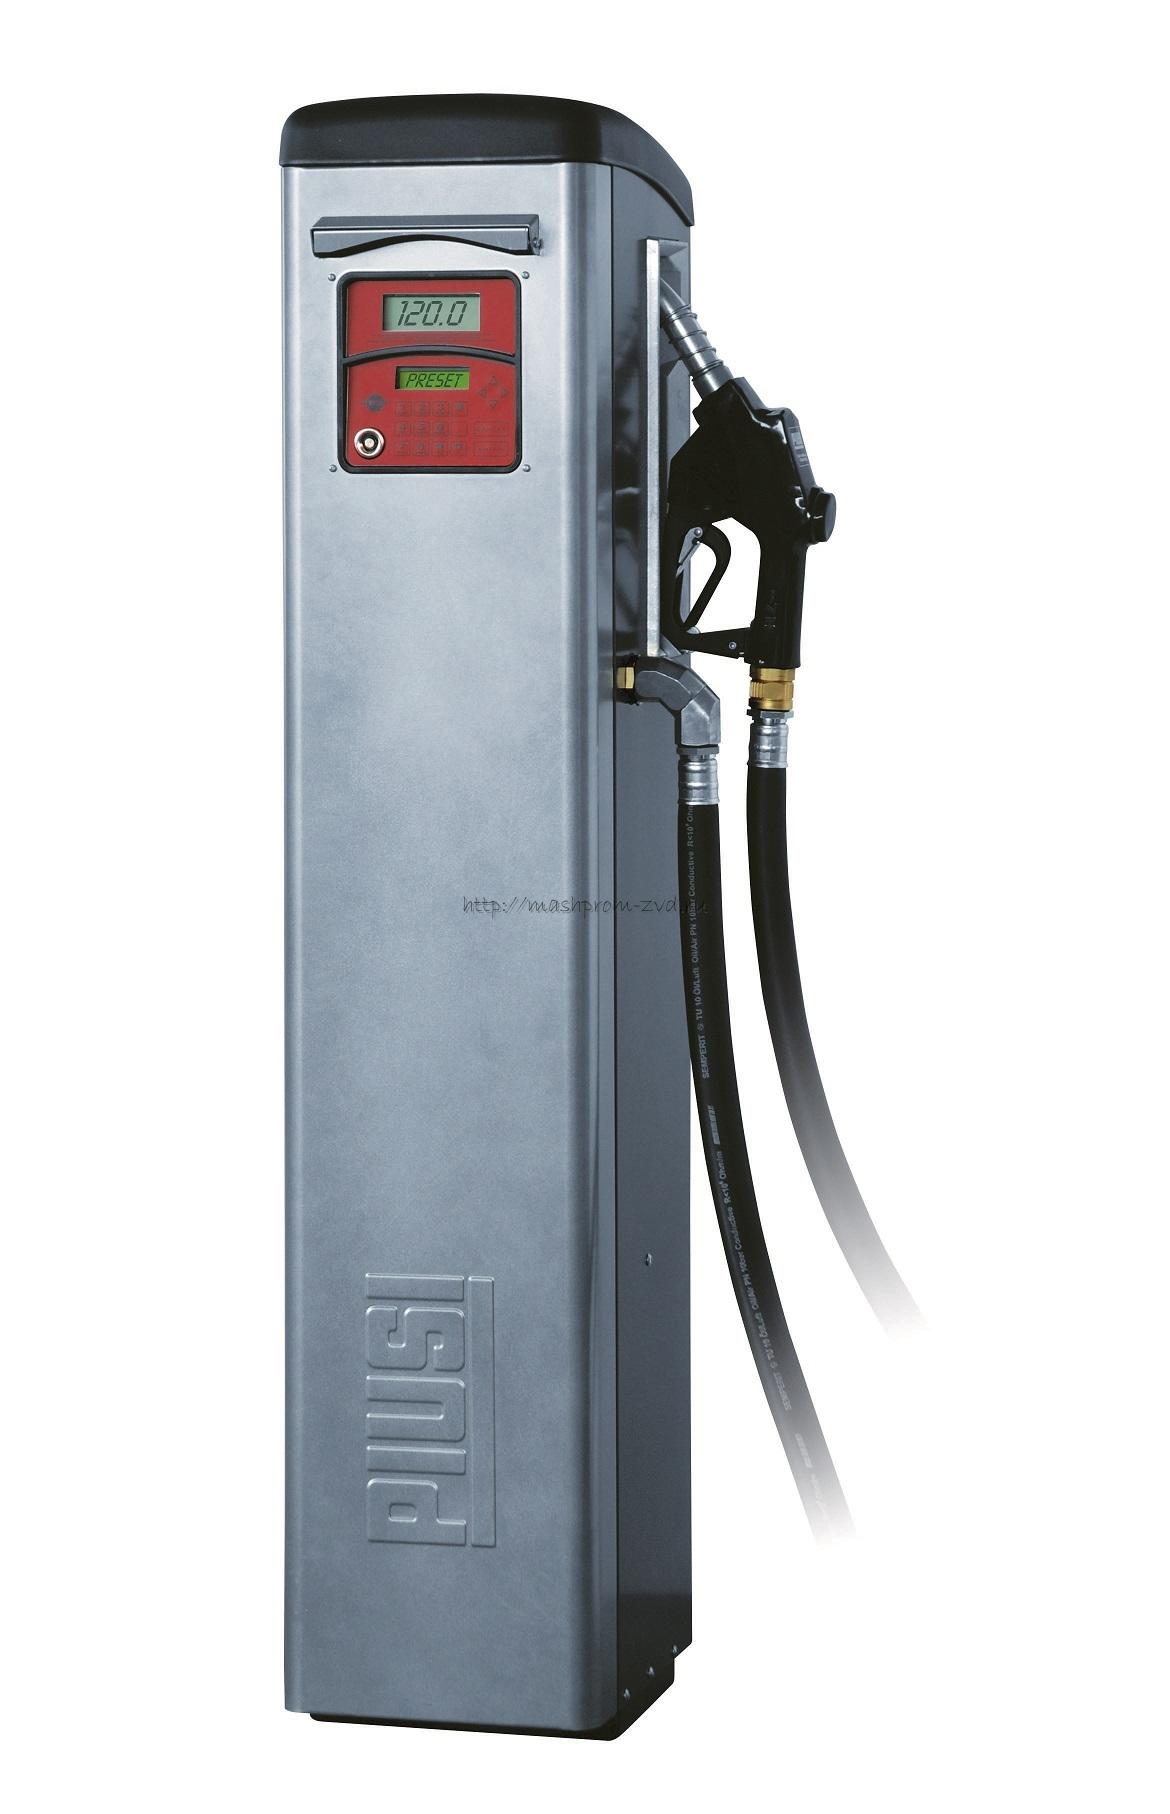 Self Service 100 FM арт. F0074200C - Программируемая раздаточная колонка для ДТ с принт. чеков, 100 л/мин